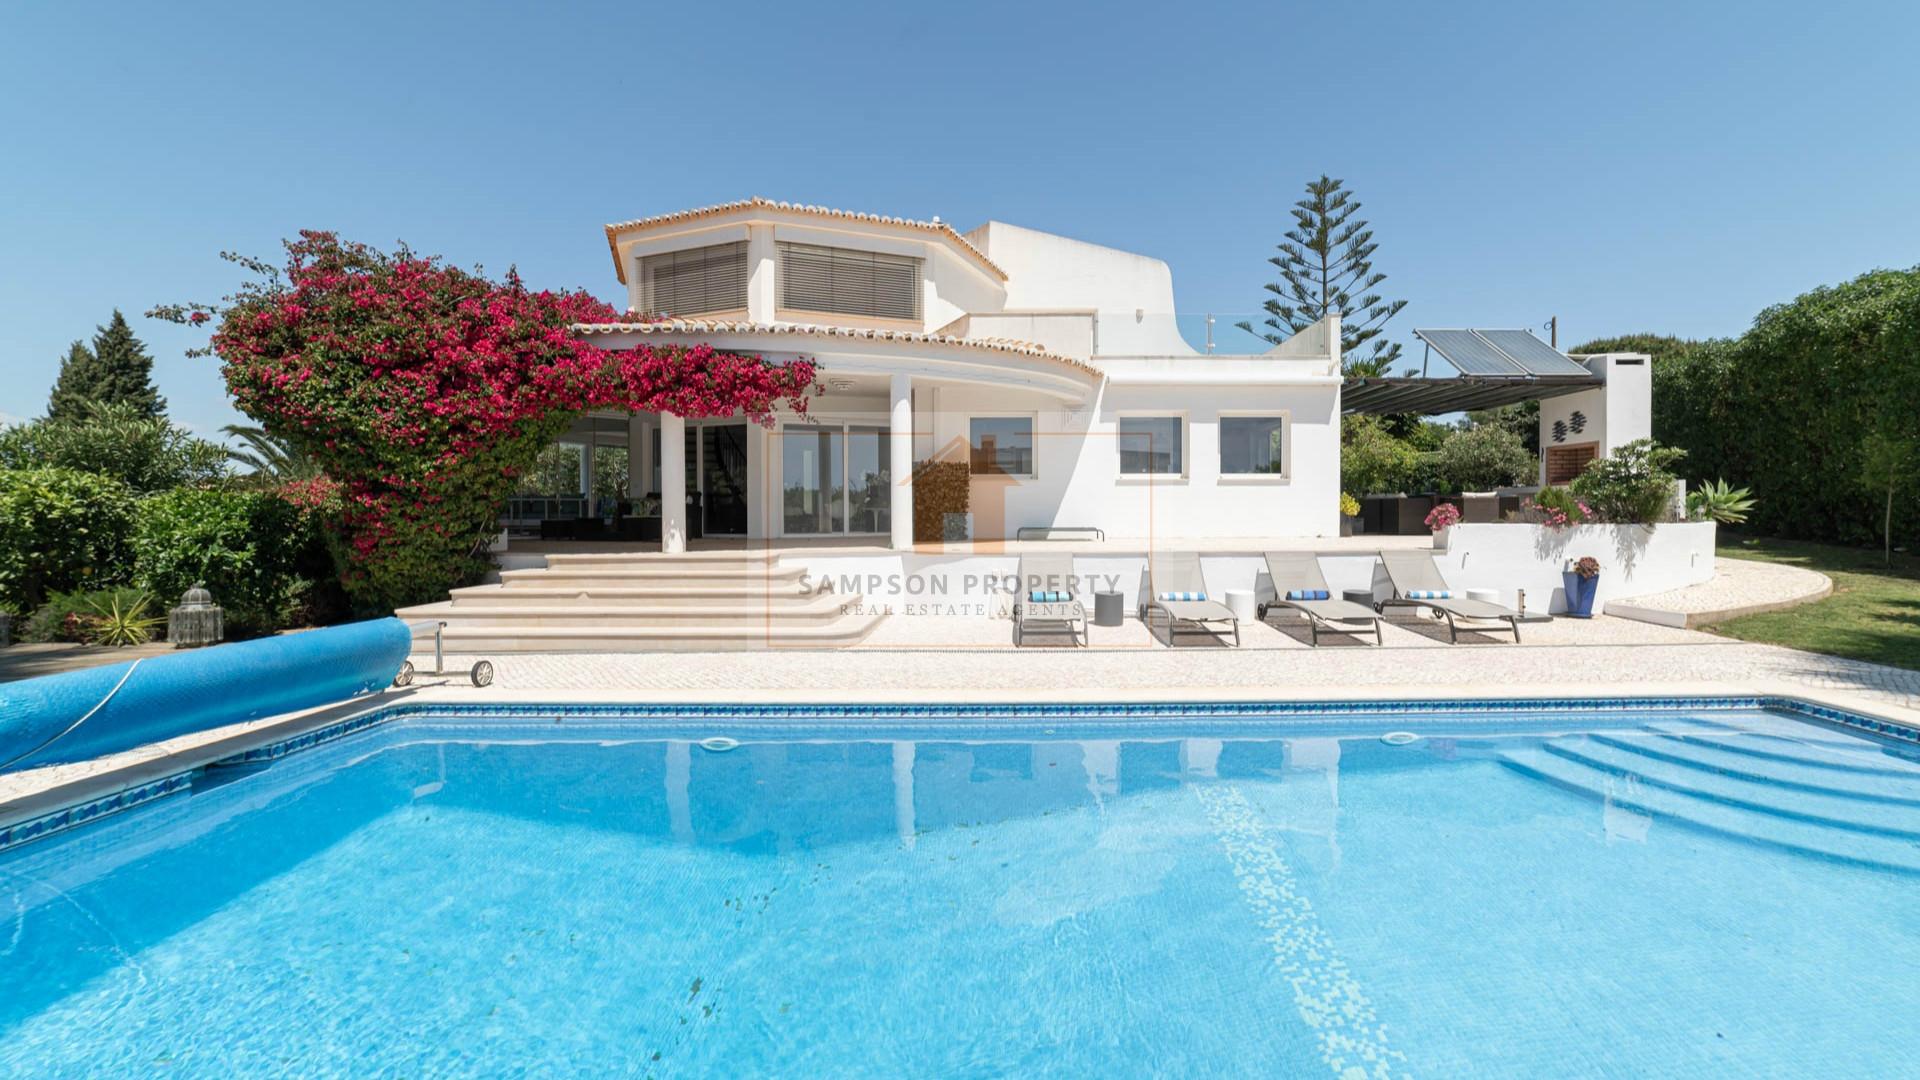 For sale in Salicos Carvoeiro, luxury 4 bedroom villa